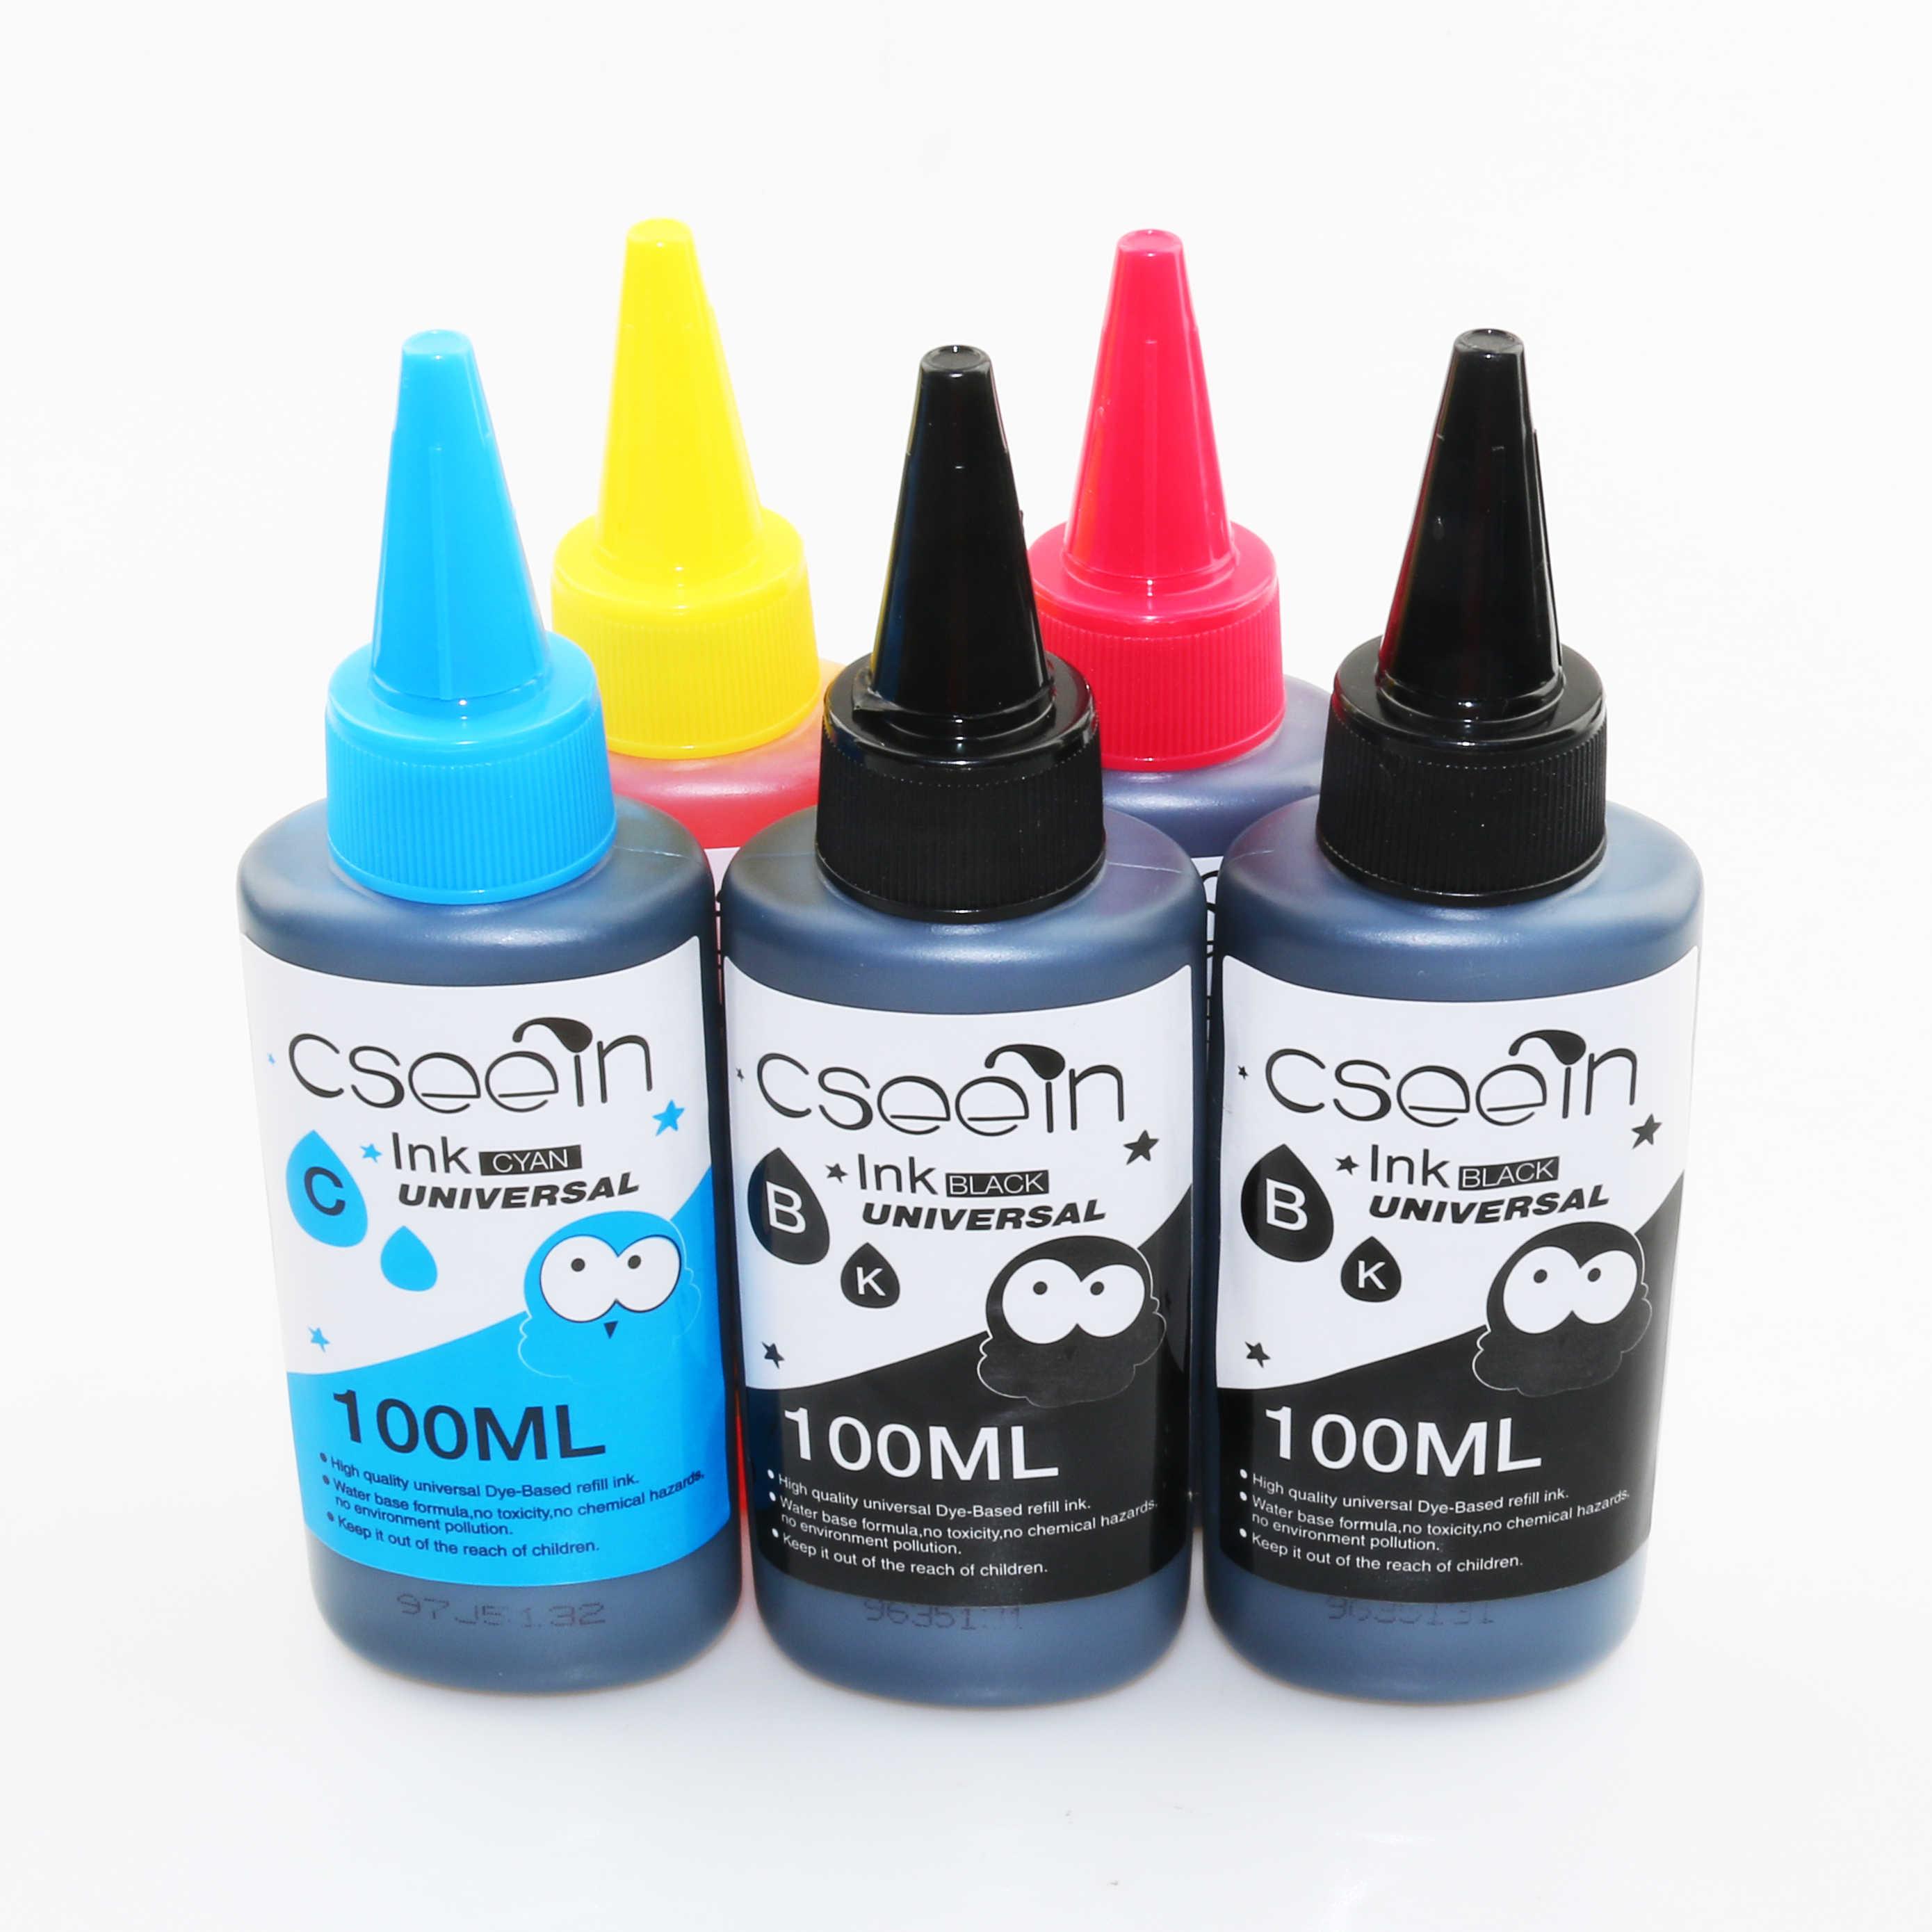 5 PK لون صبغ إعادة الملء الحبر لاستبدال HP Kit 100 مللي زجاجة الحبر لإبسون قسط لكانون طابعة نافثة للحبر لأخيه